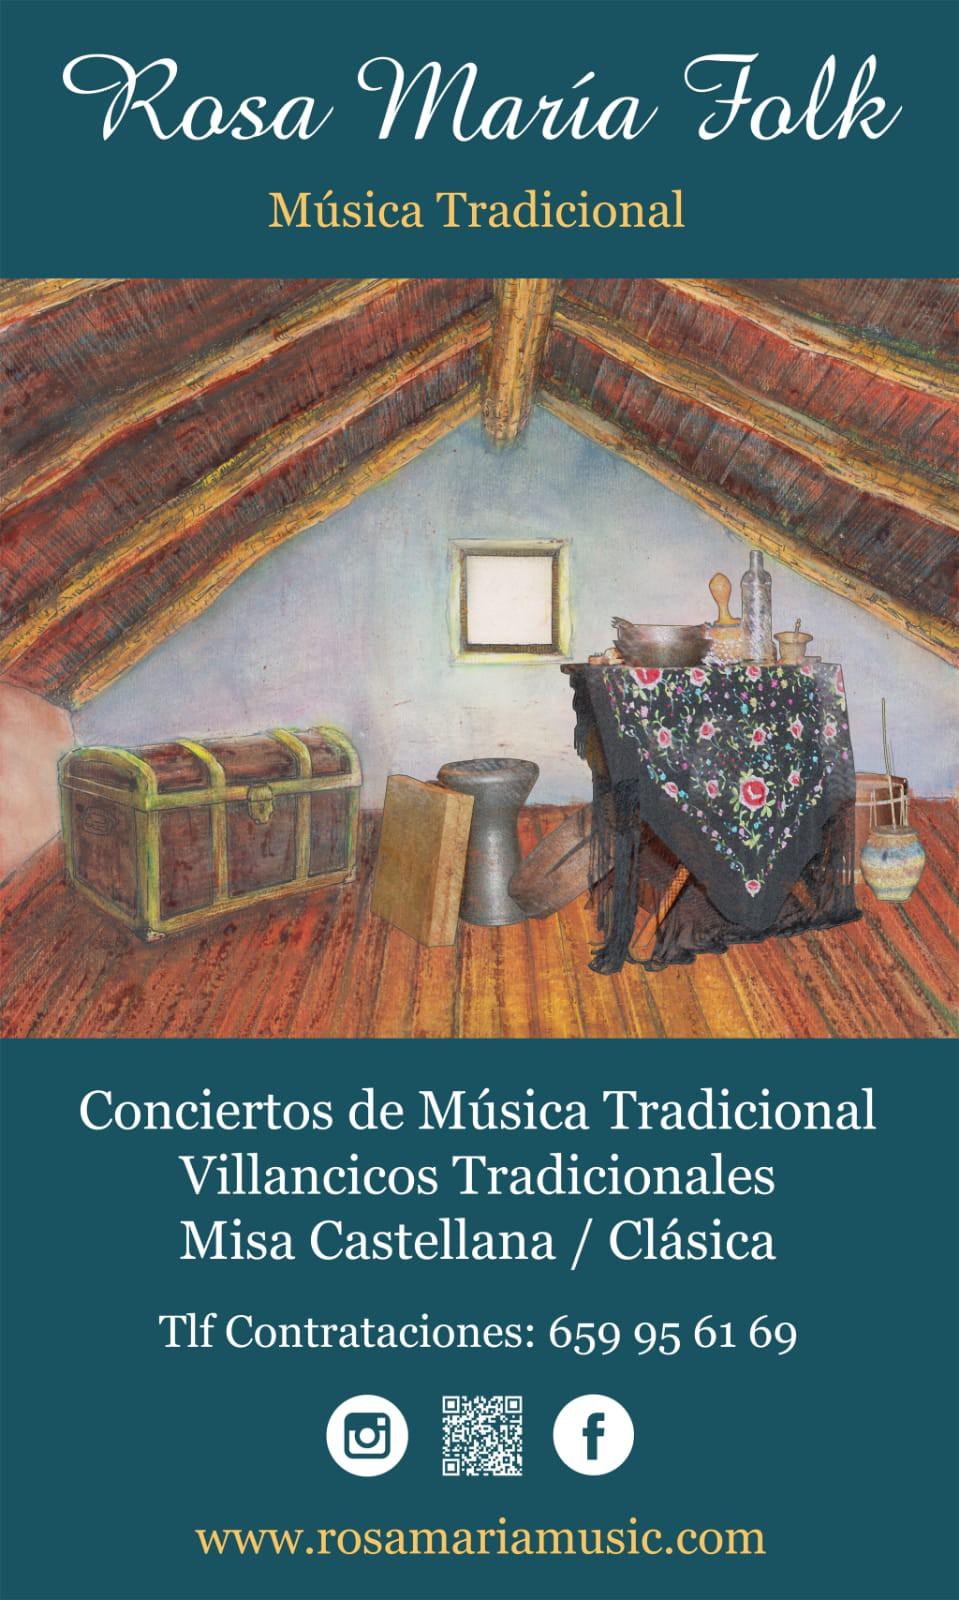 Concierto de Villancicos Tradicionales en Matilla de los Caños